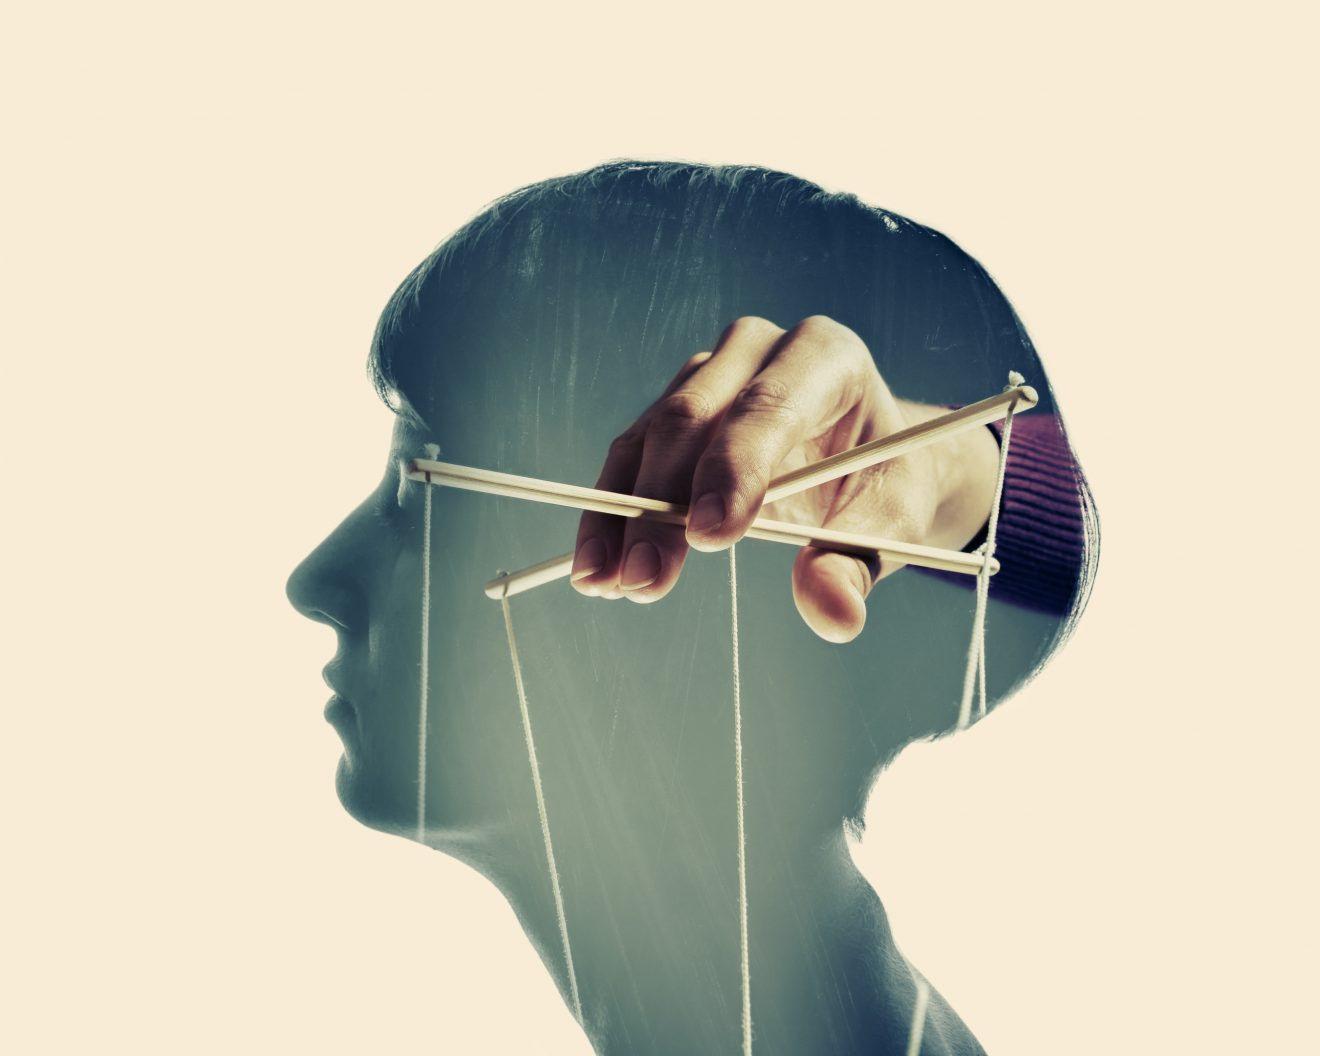 Comment définir l'abus spirituel ?